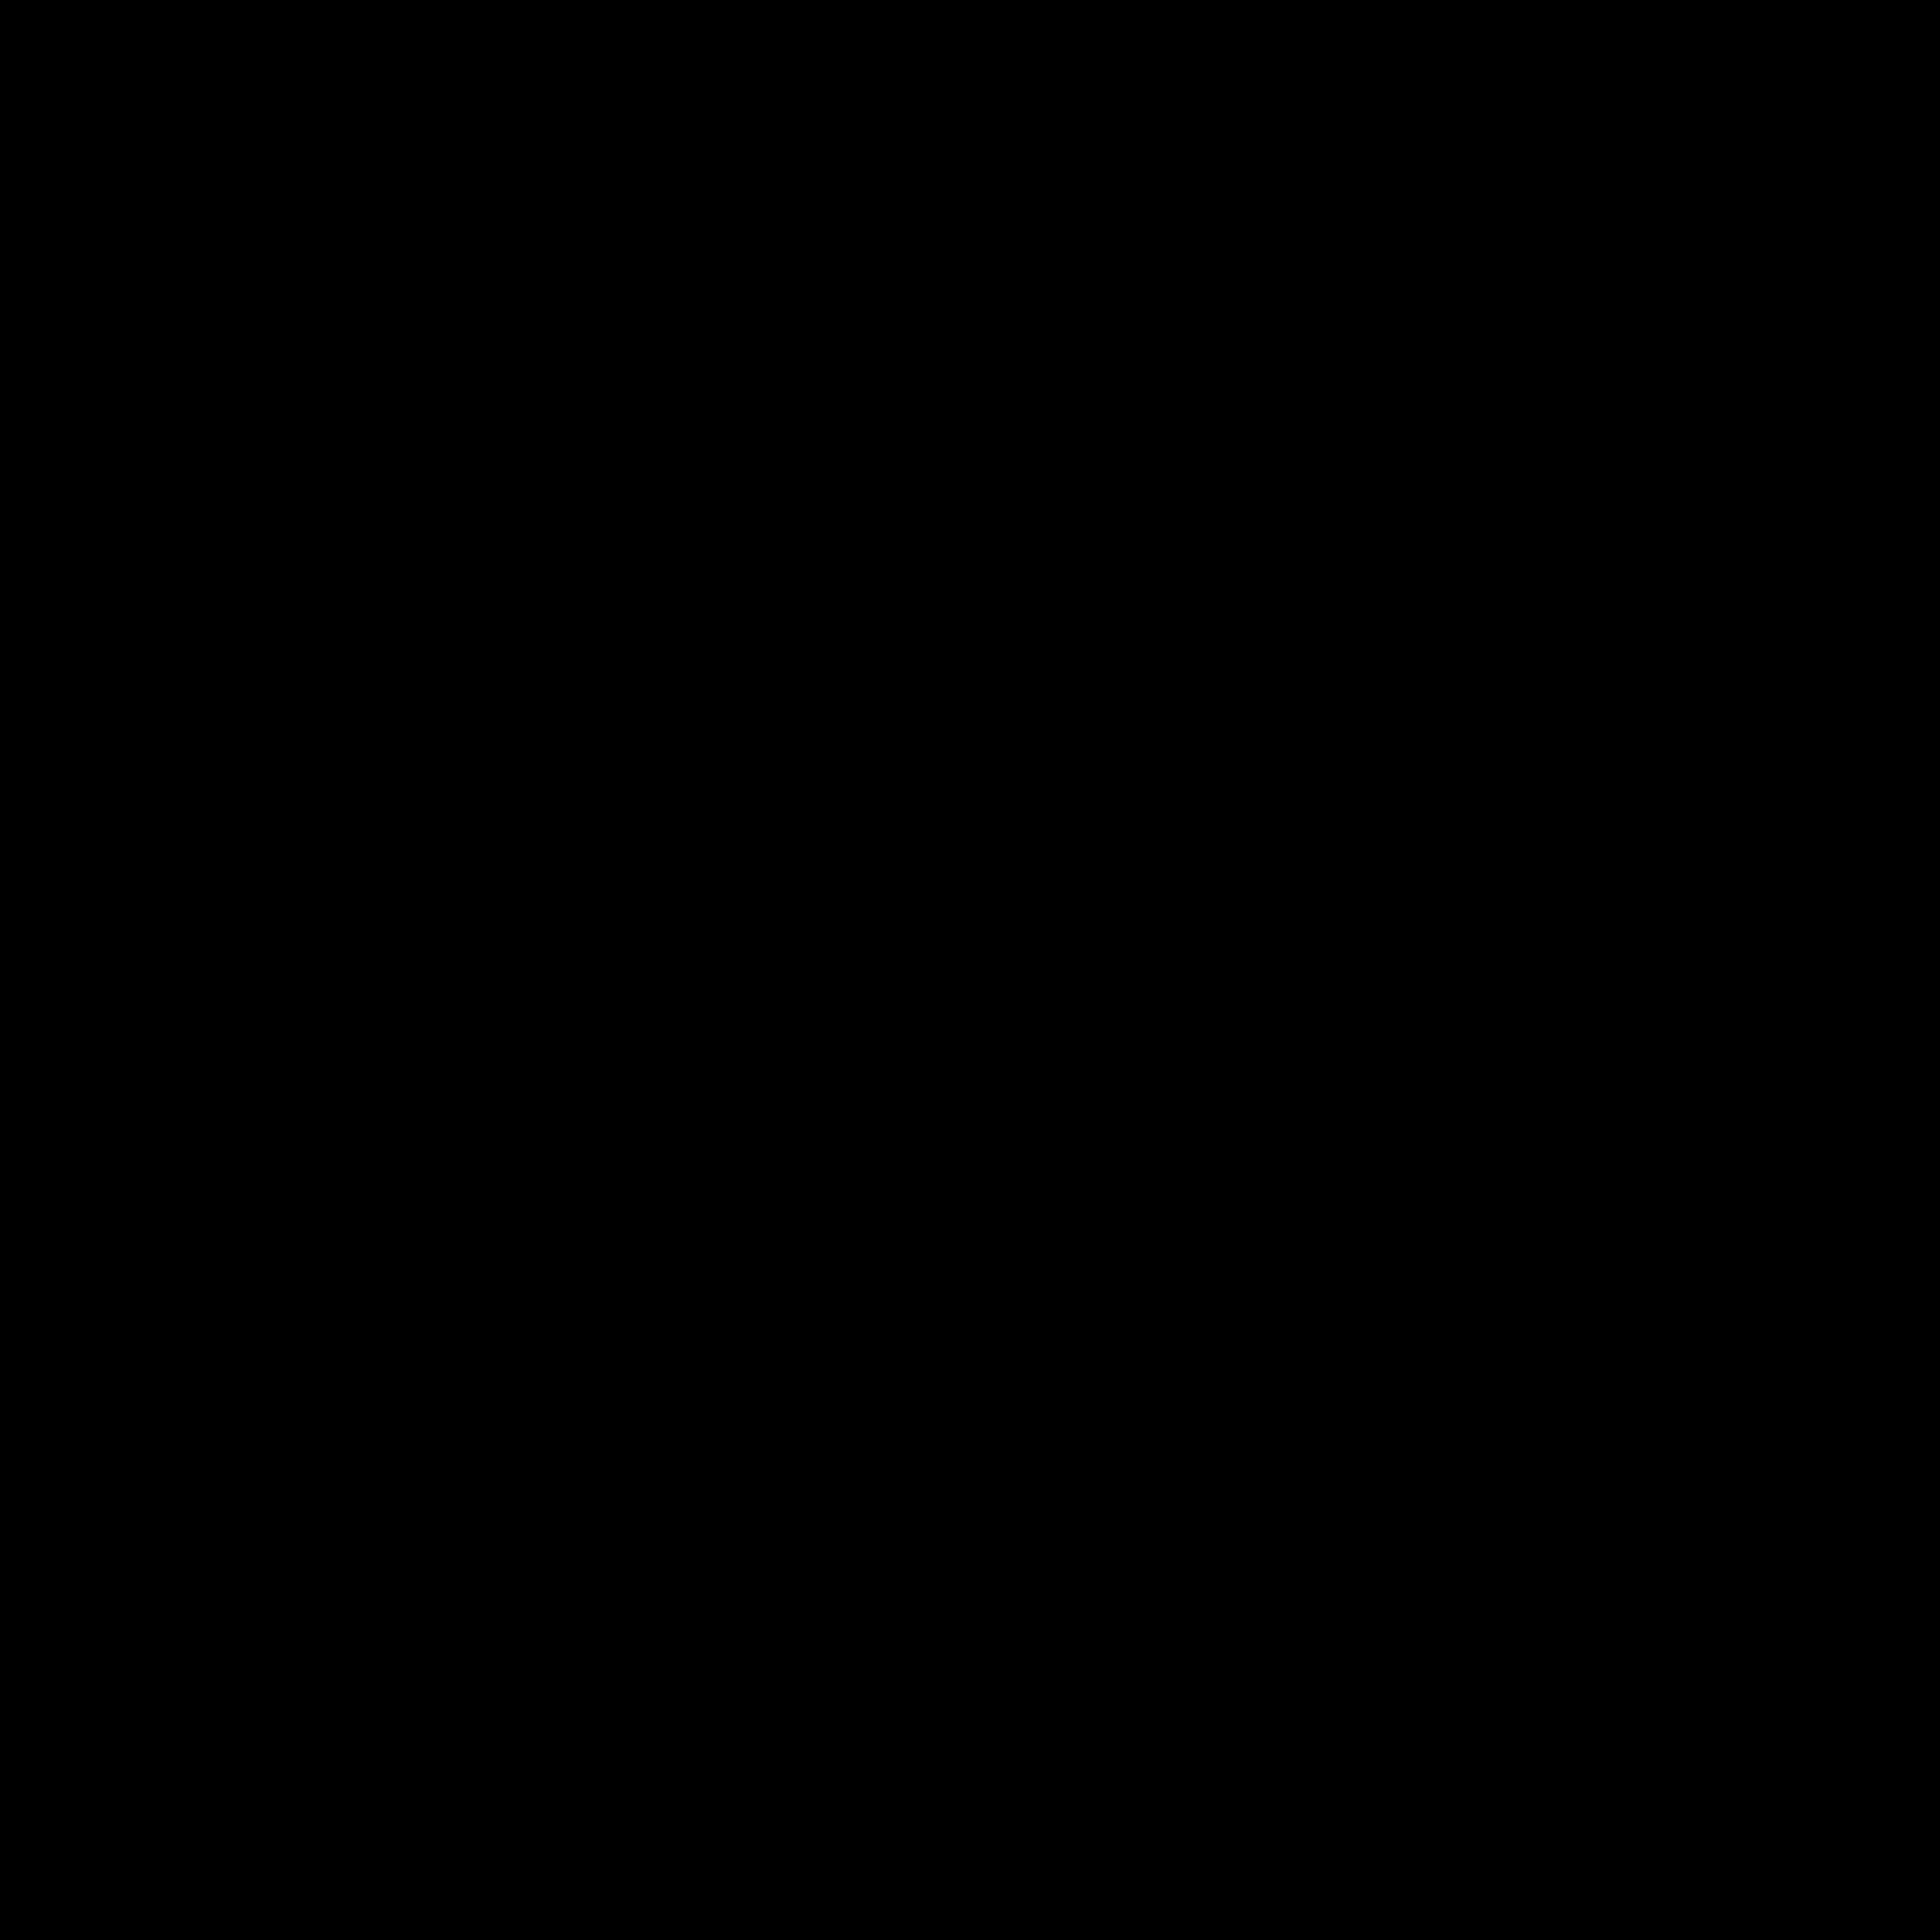 clip art transparent download Clipart